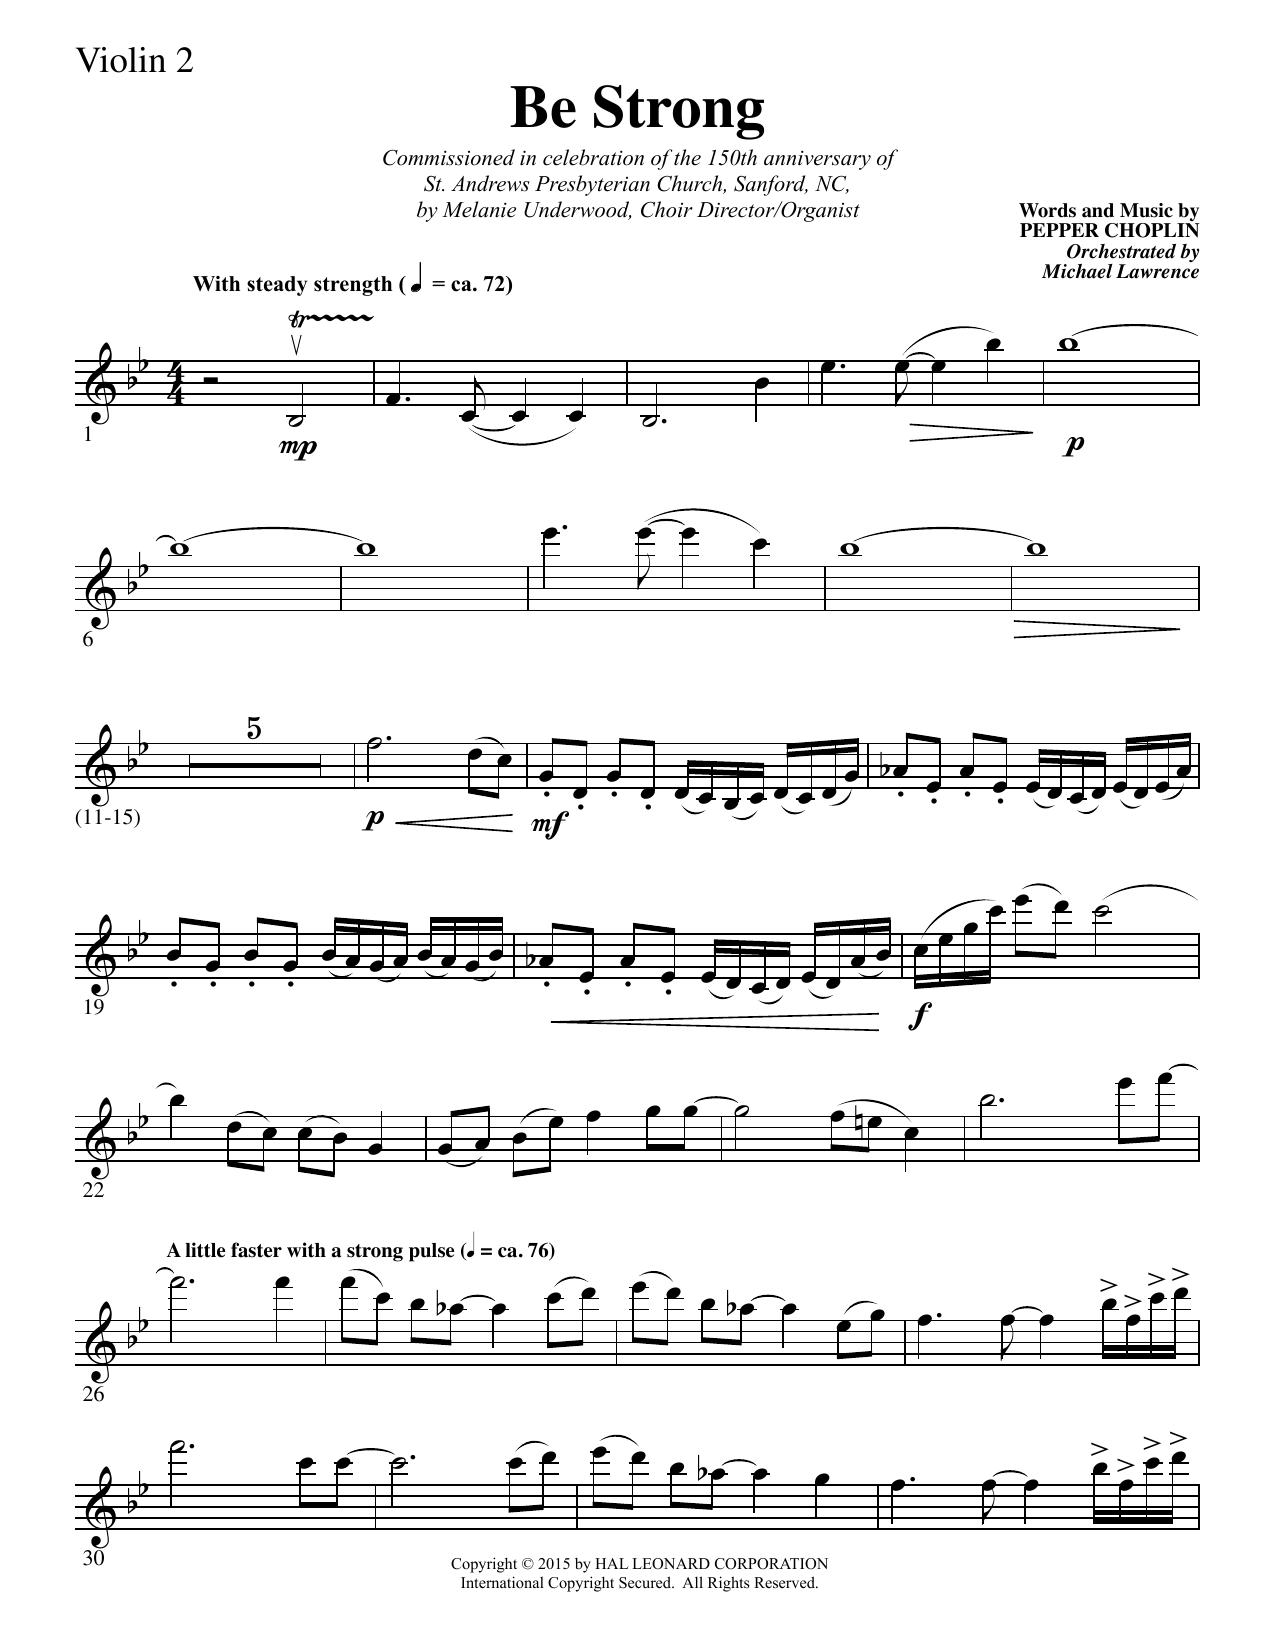 Be Strong - Violin 2 sheet music